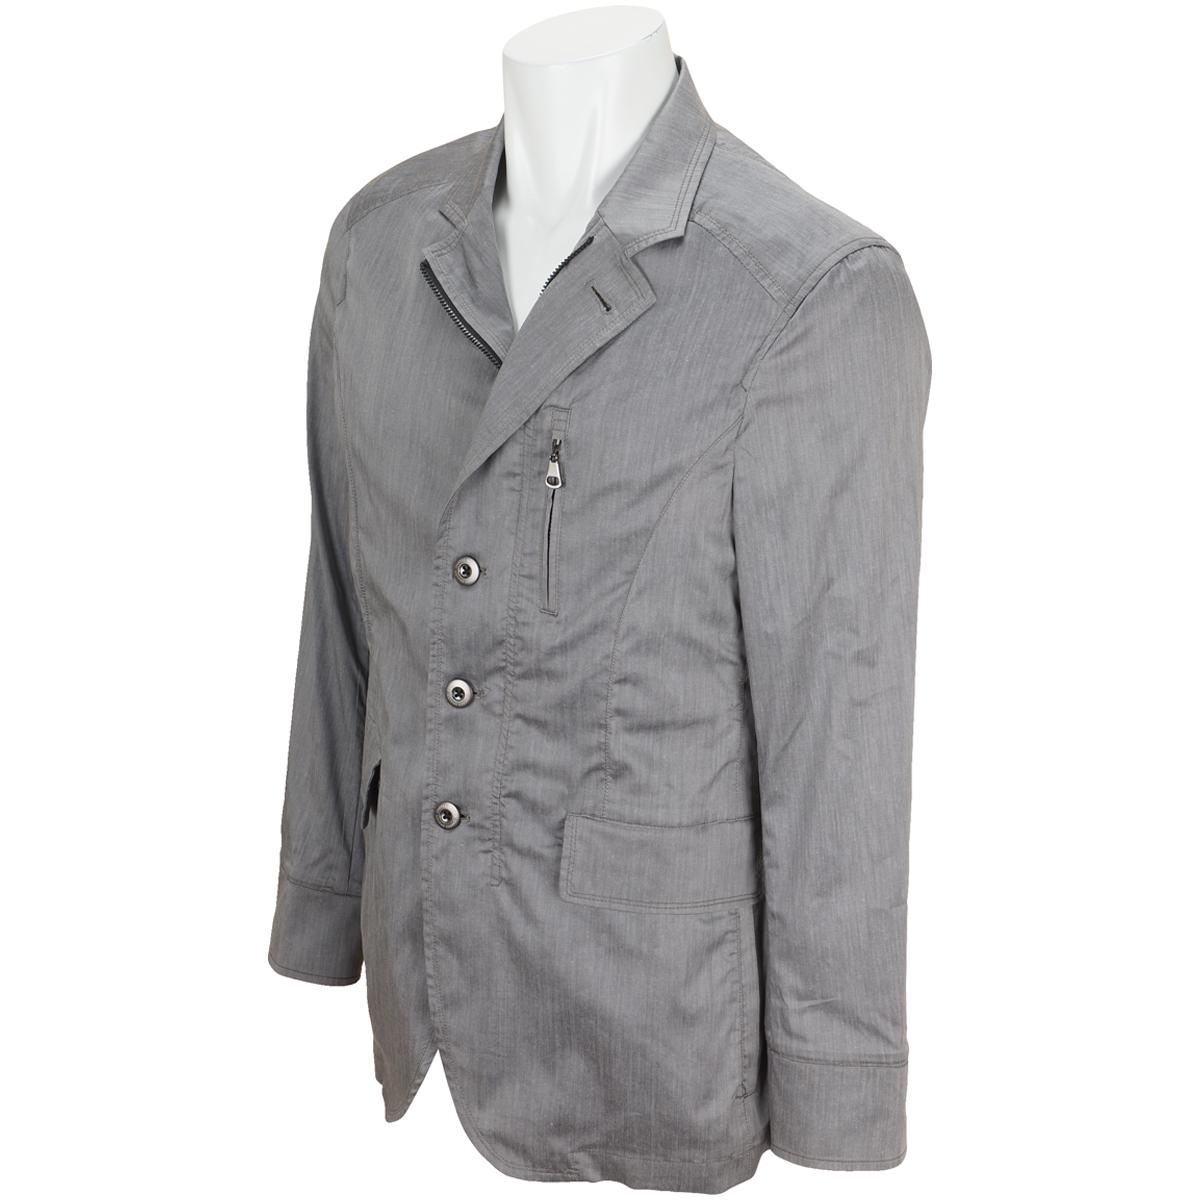 ウエザーライクラフィットフロントジップジャケット